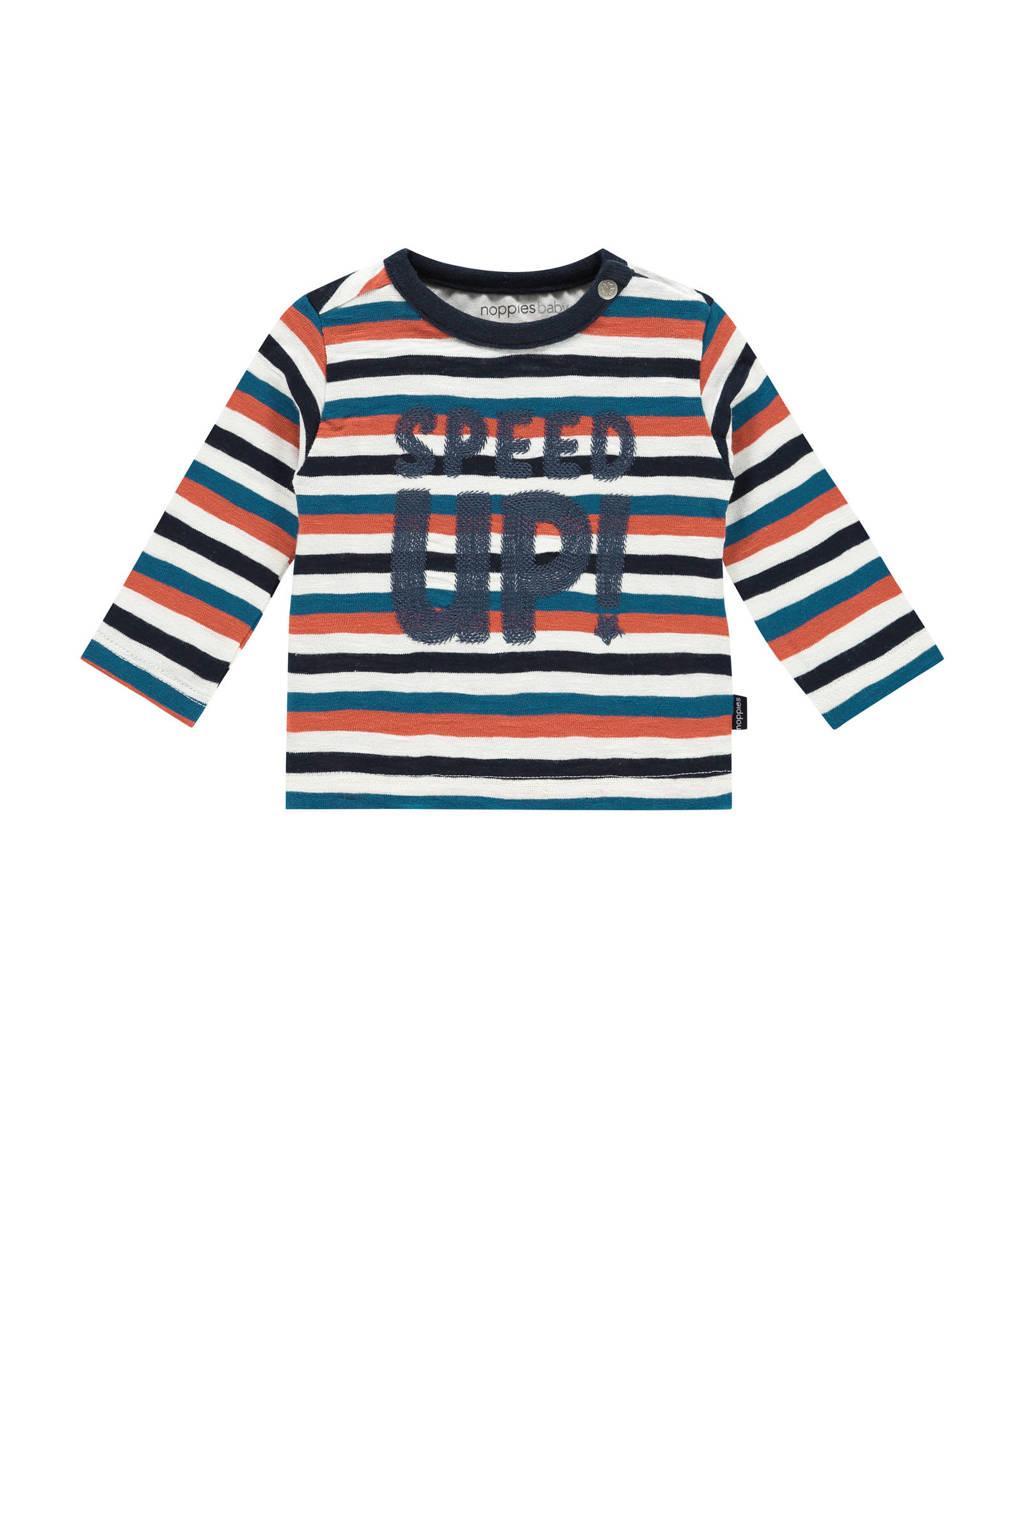 Noppies baby gestreepte longsleeve Apple valley wit/donkerblauw/blauw, Wit/donkerblauw/blauw